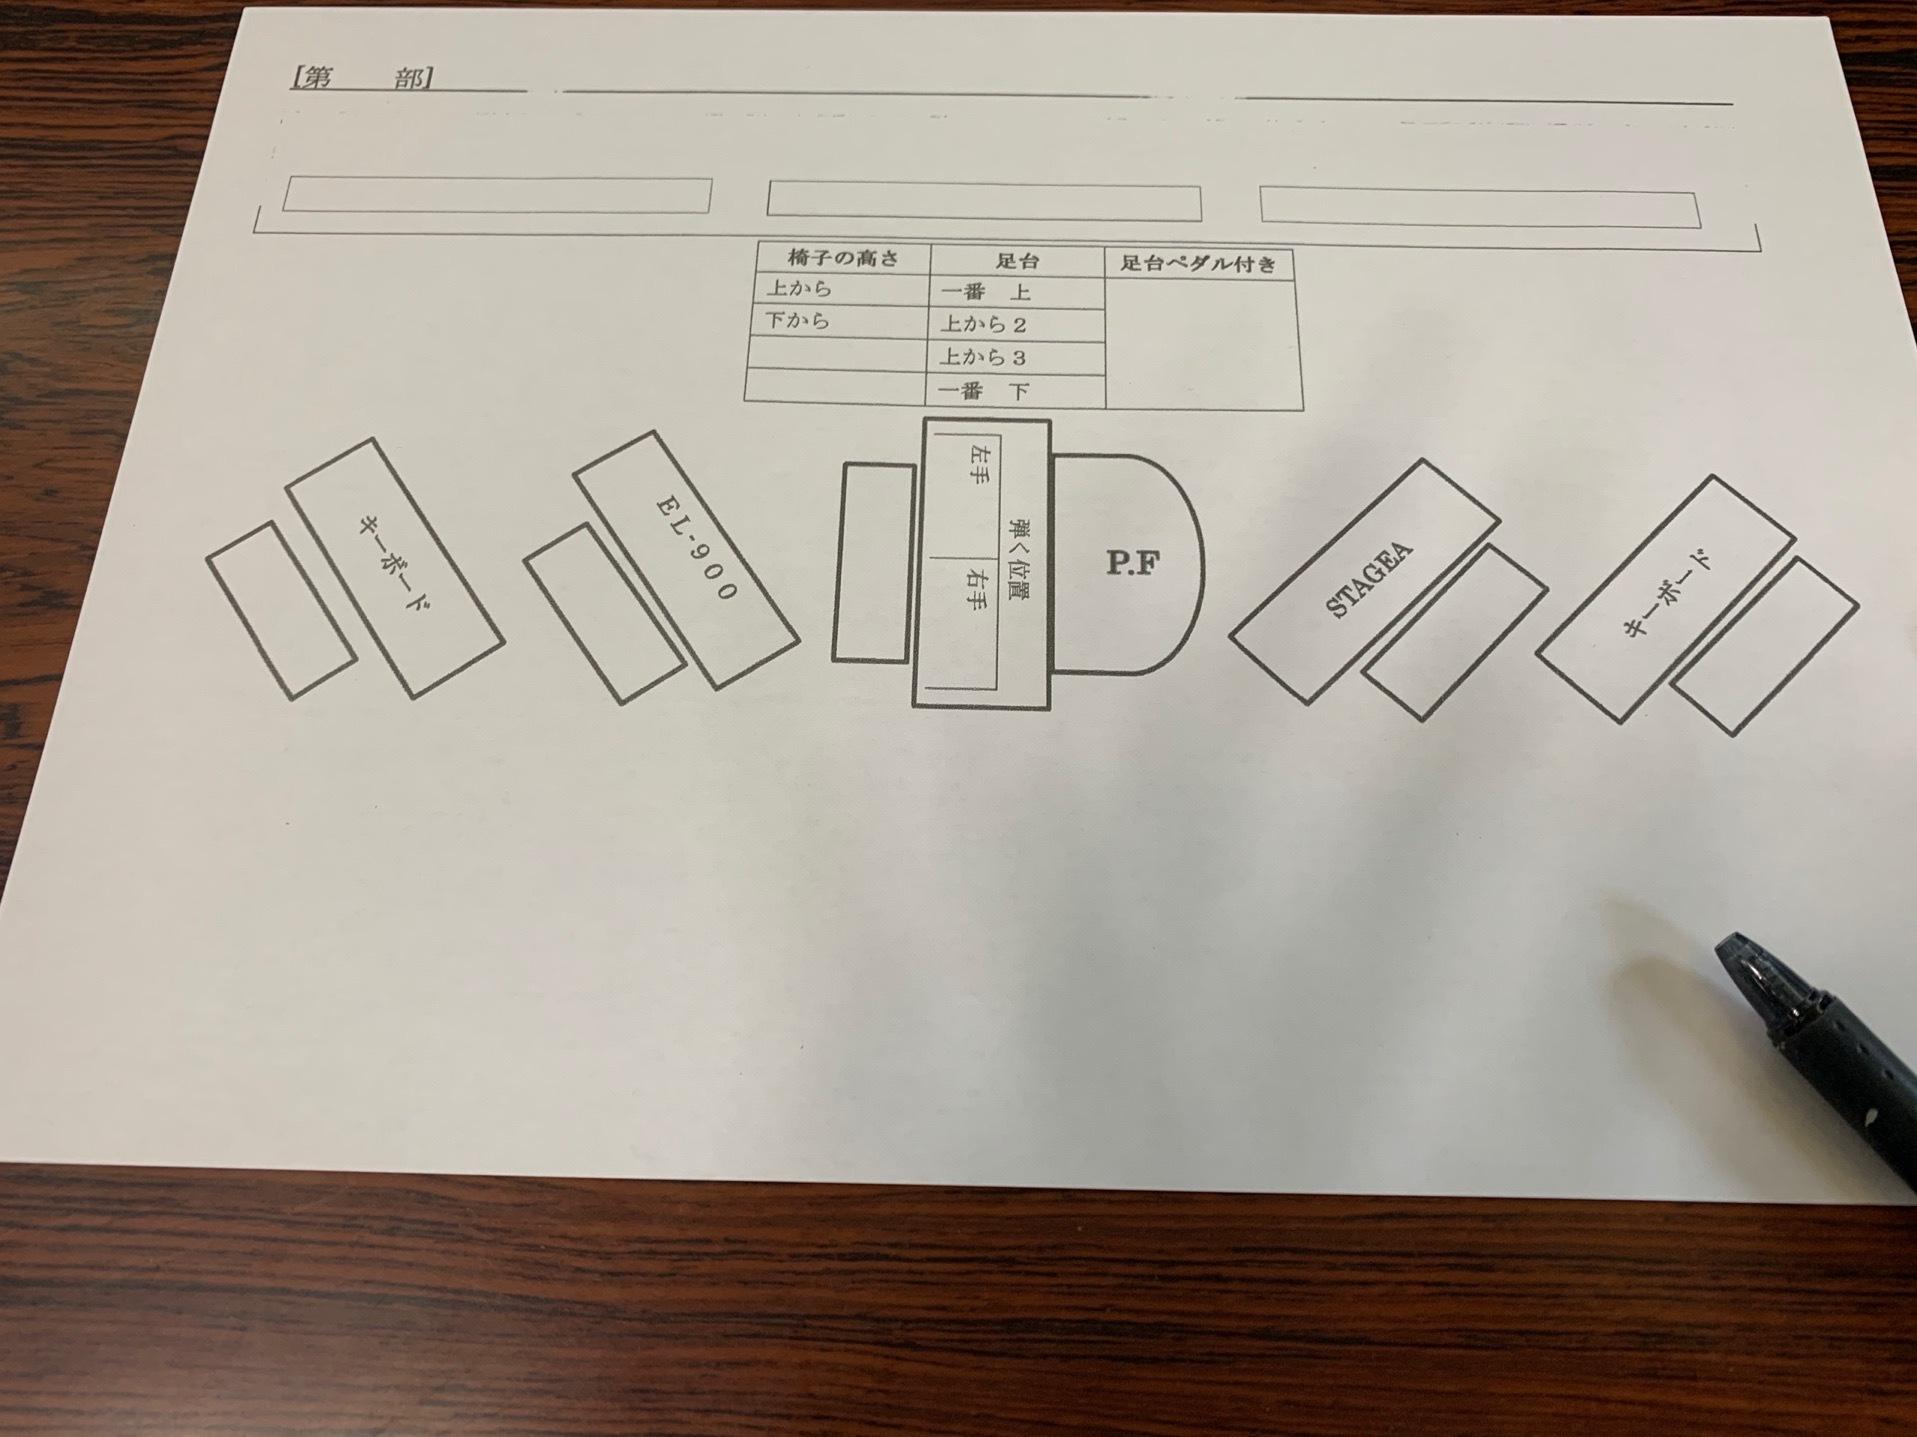 レッスンお休み&舞台図_e0040673_18074843.jpg